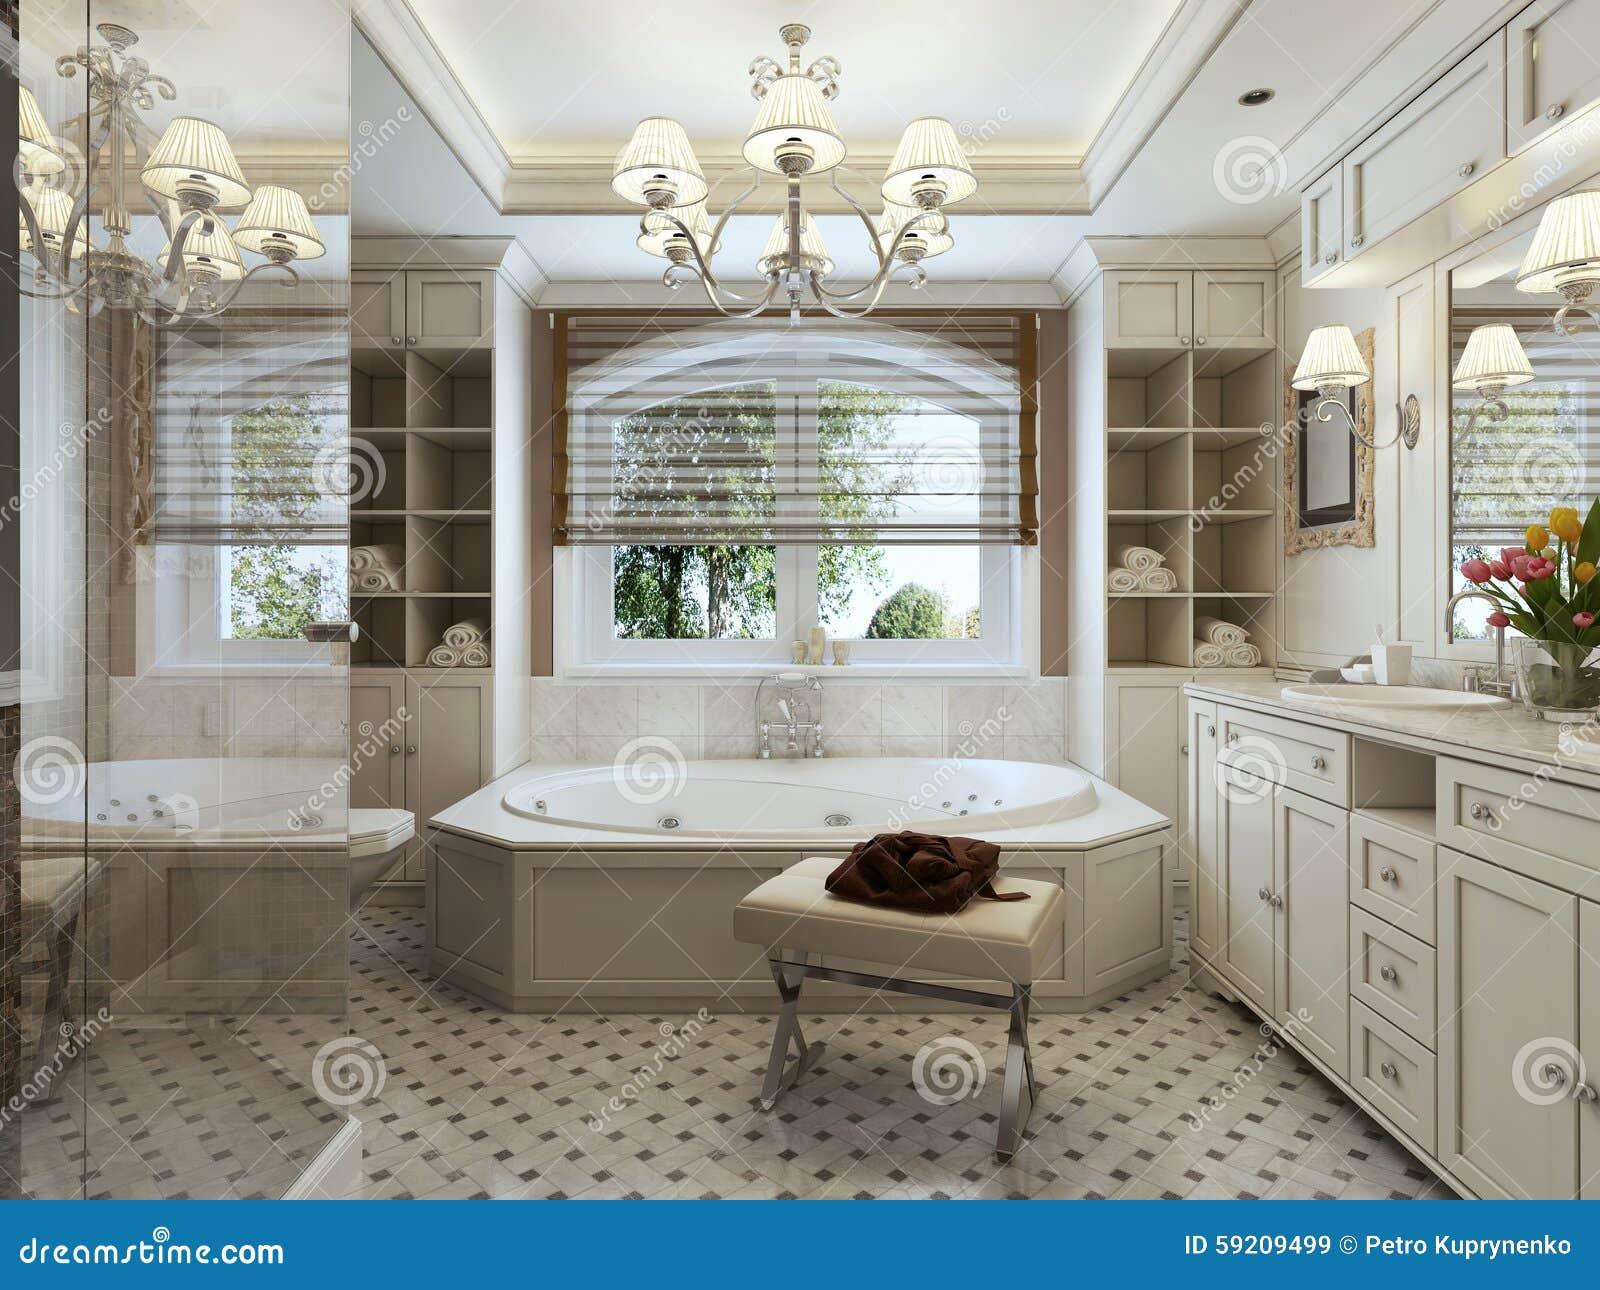 Salle de bains Art Deco image stock. Image du bain, moderne - 59209499